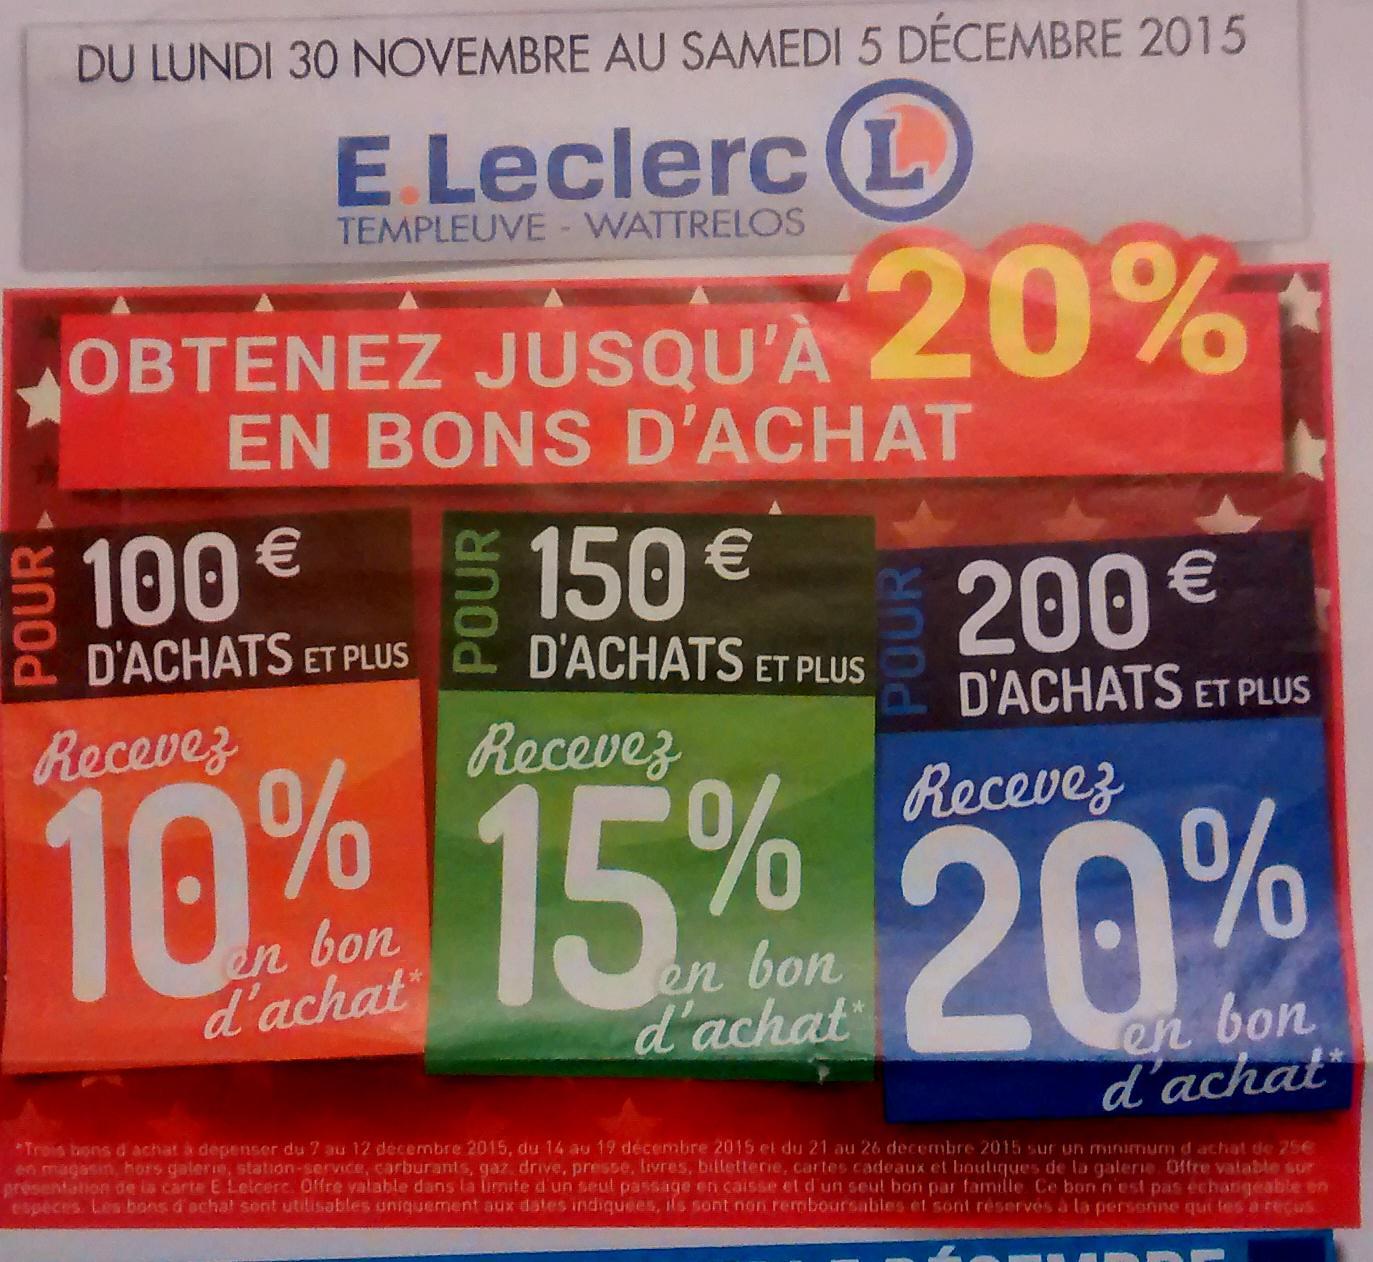 10% de réduction dès 100€ d'achat, 15% dès 150€, 20% de réduction dès 200€ d'achat